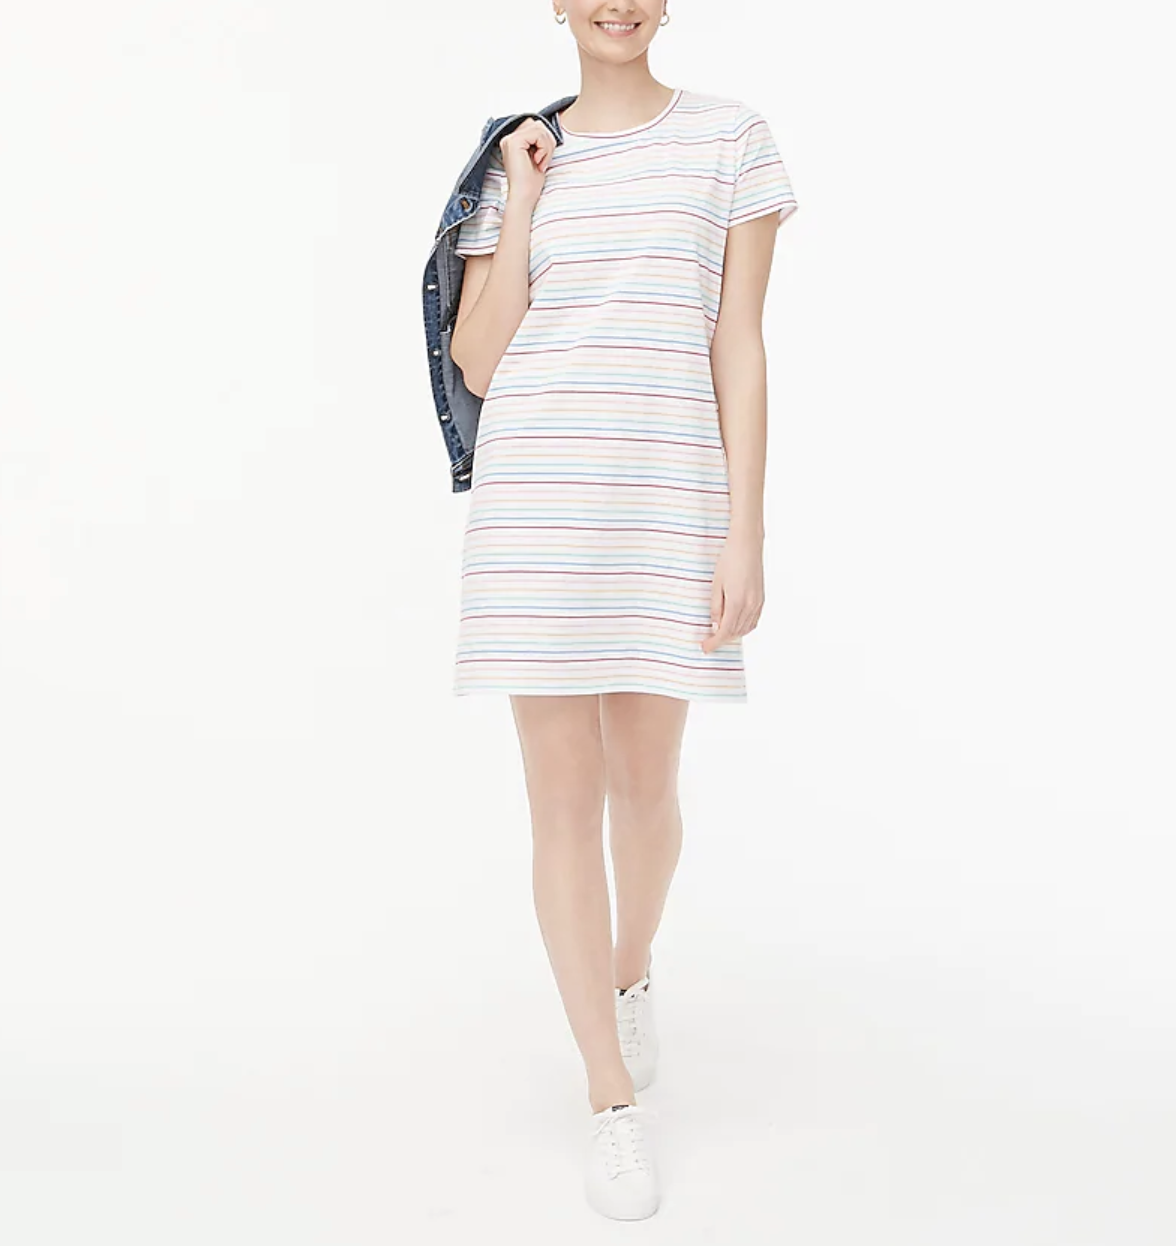 A model wears a striped short-sleeve T-shirt dress